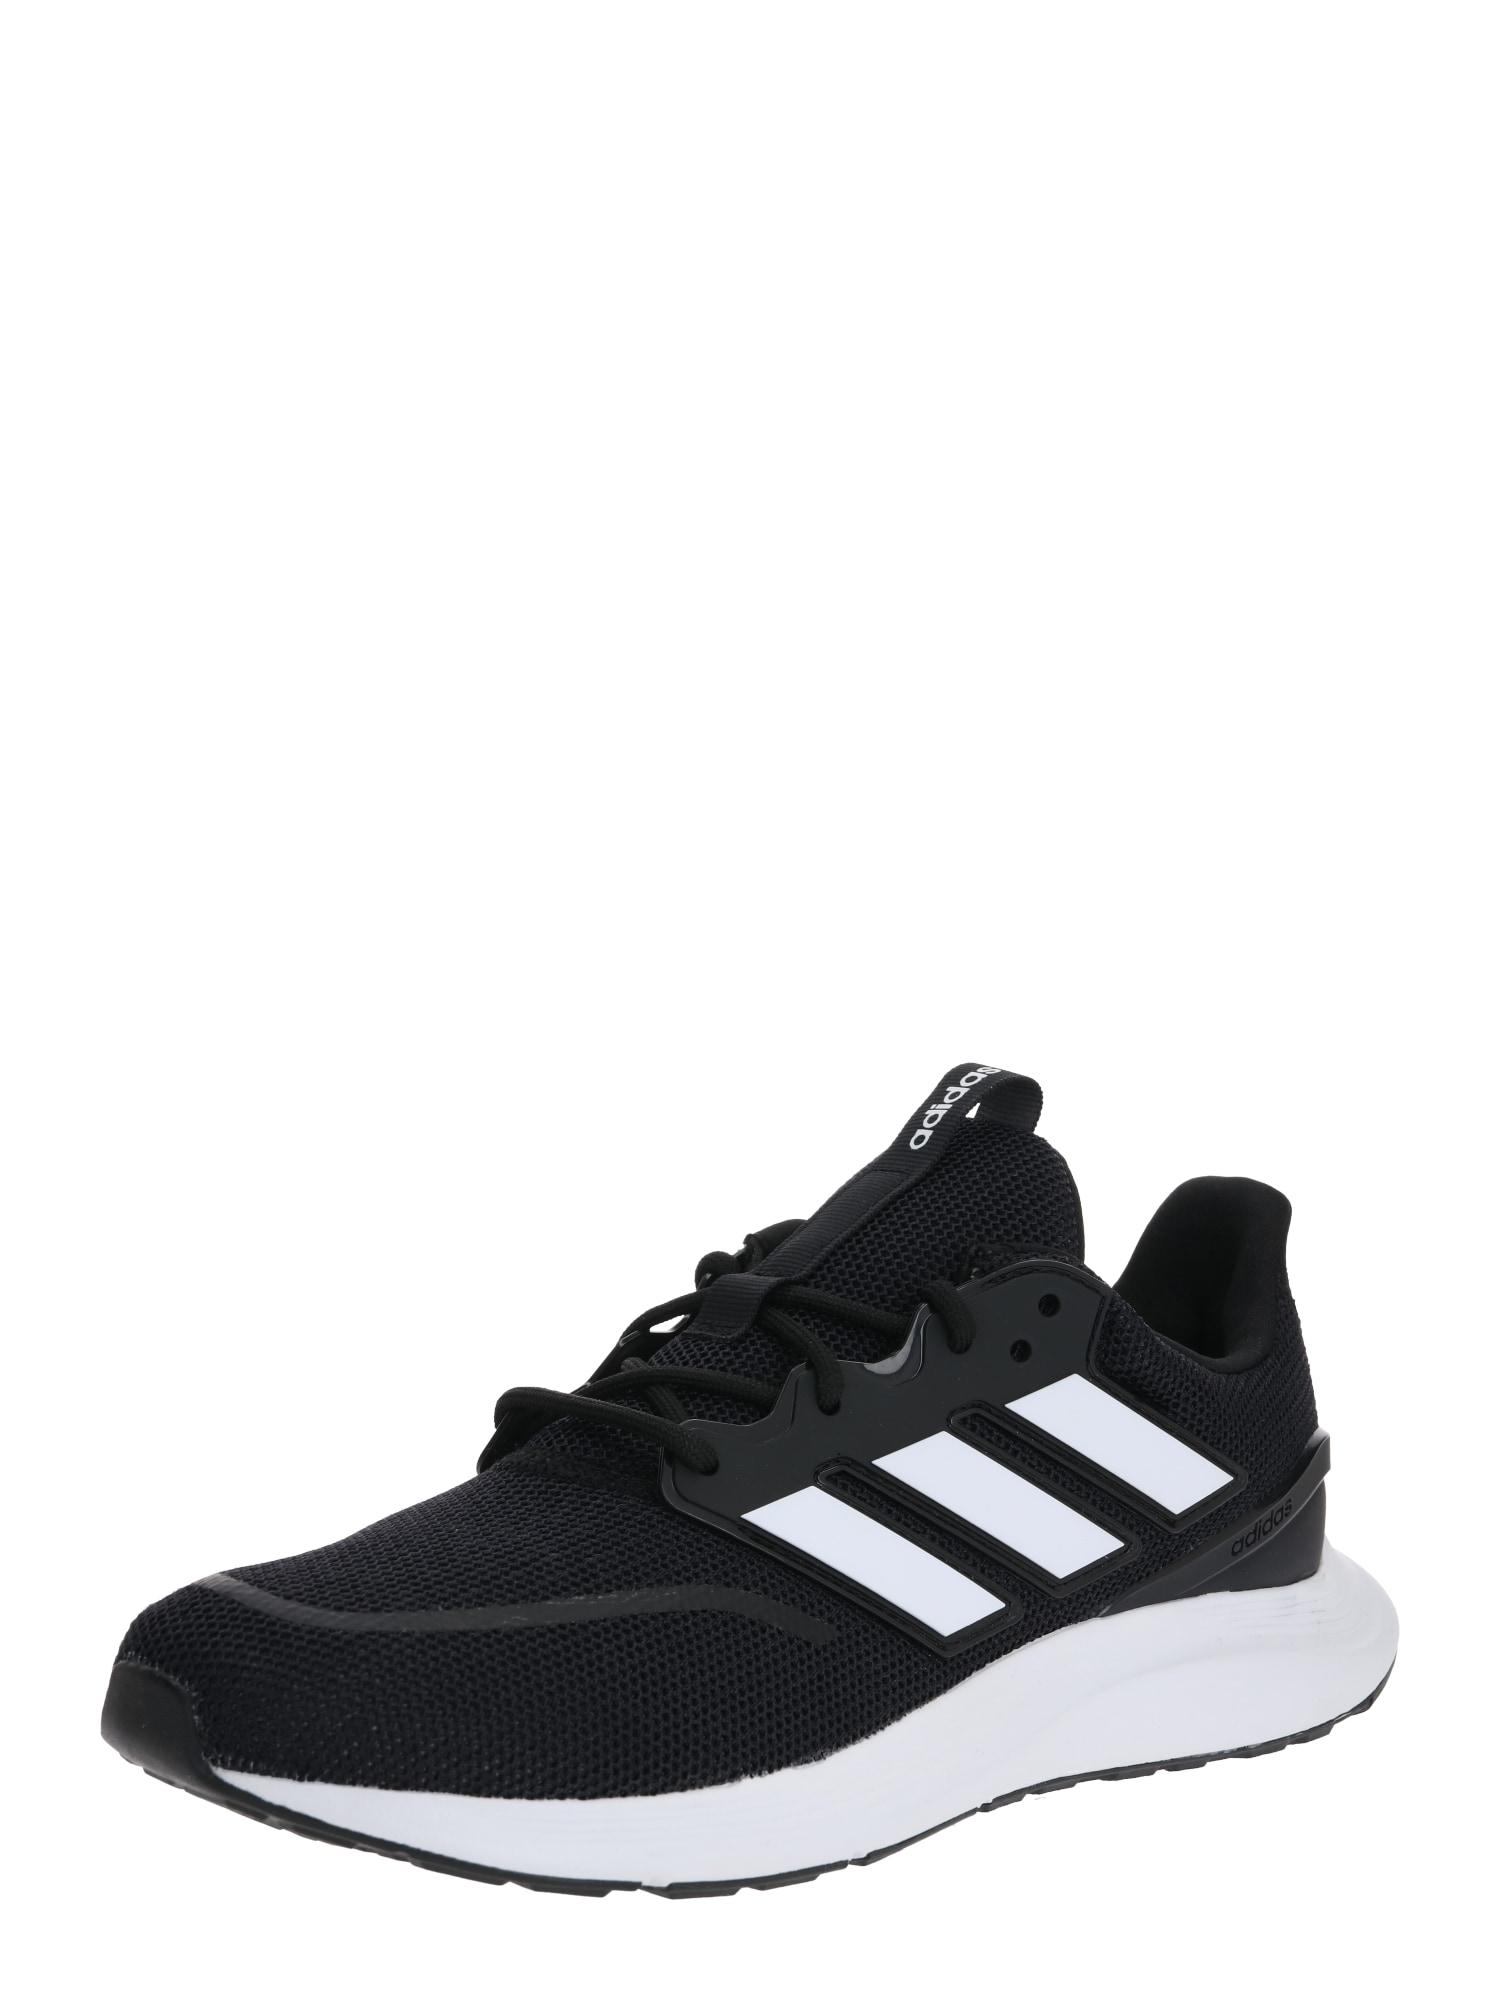 ADIDAS PERFORMANCE Bėgimo batai 'Energyfalcon' balta / juoda